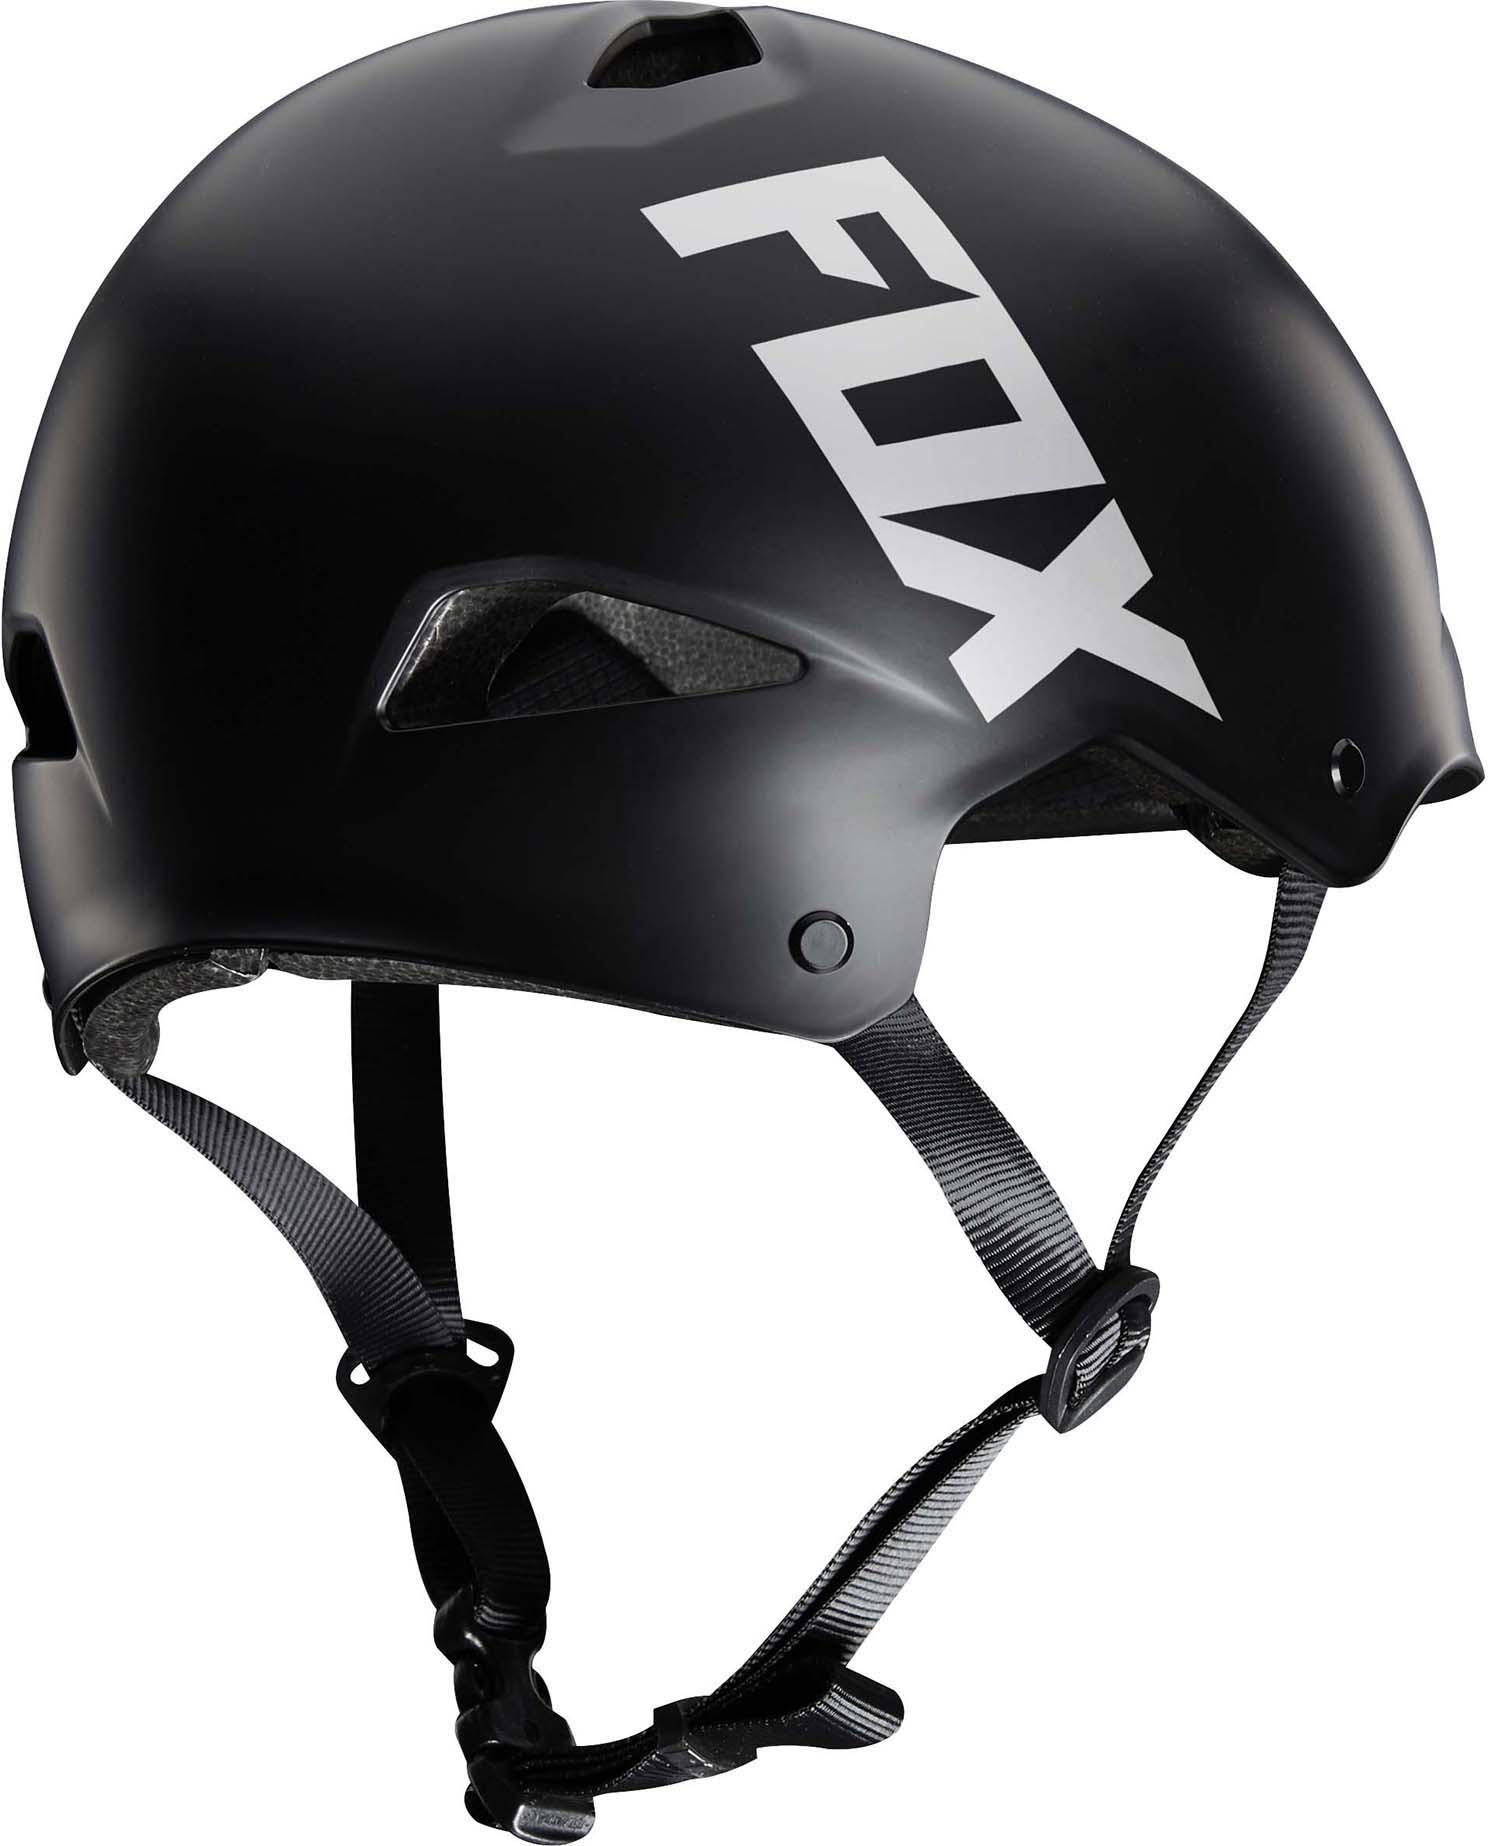 Fox-Head-Flight-Sport-Trail-Bike-Dirt-Jump-Adult-Protective-Helmet thumbnail 4